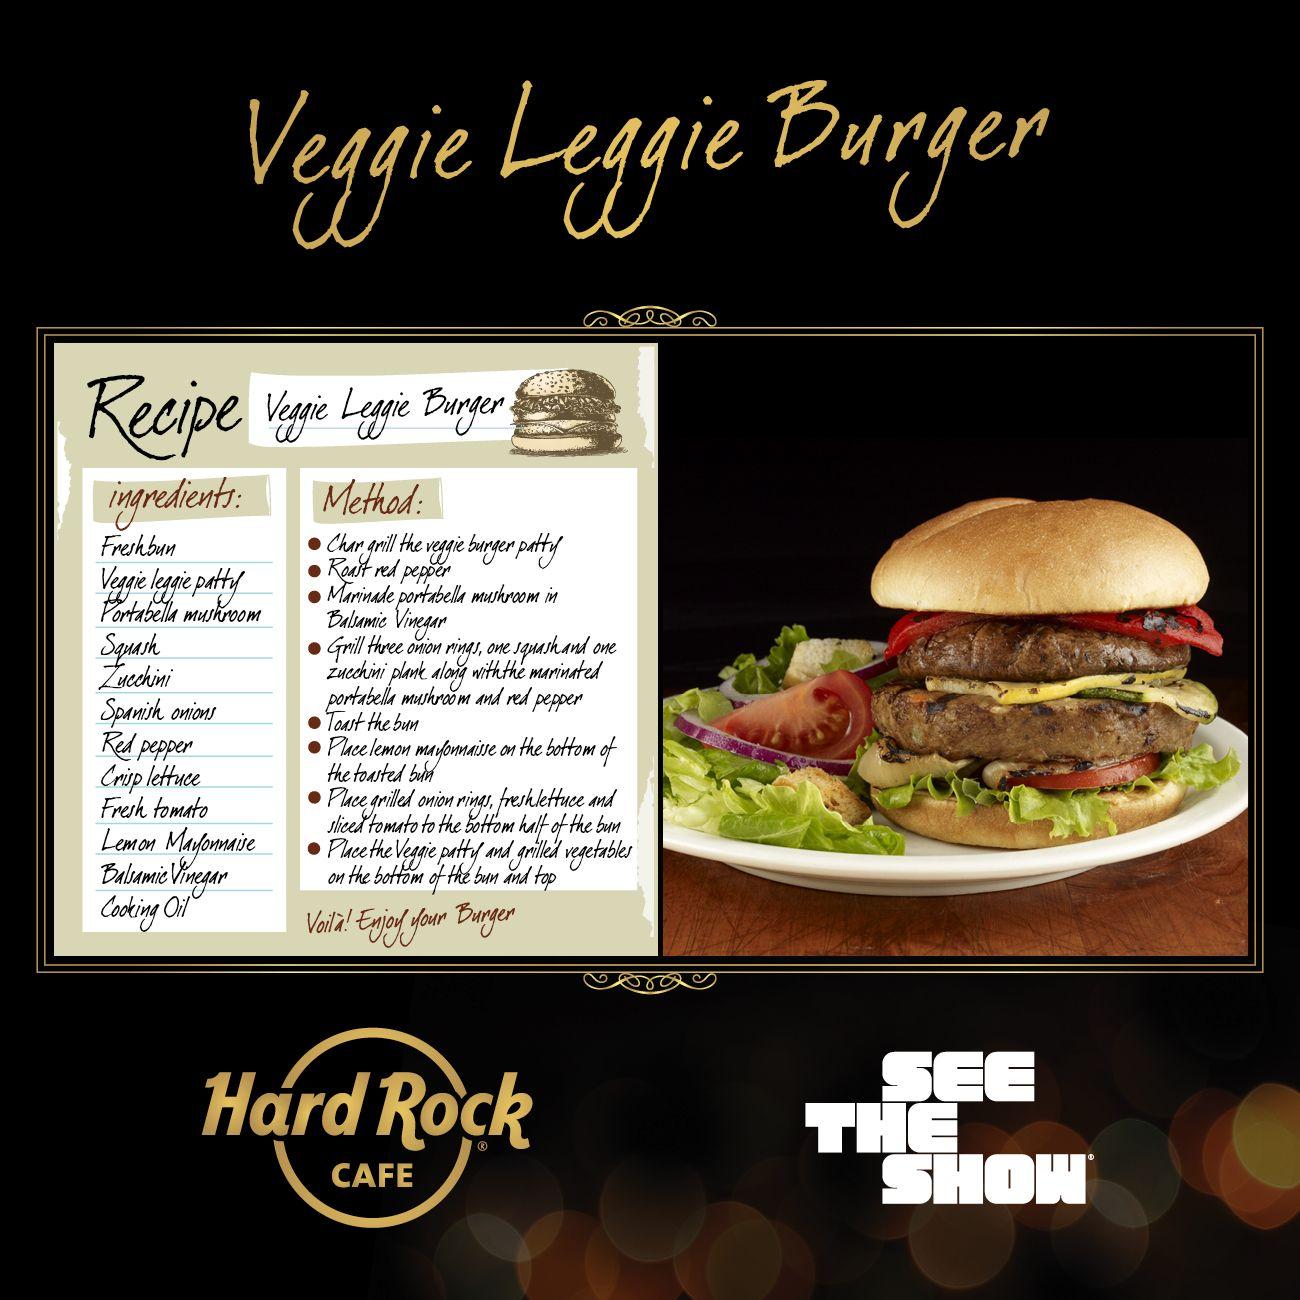 Hard Rock Cafe Calories Veggie Burger